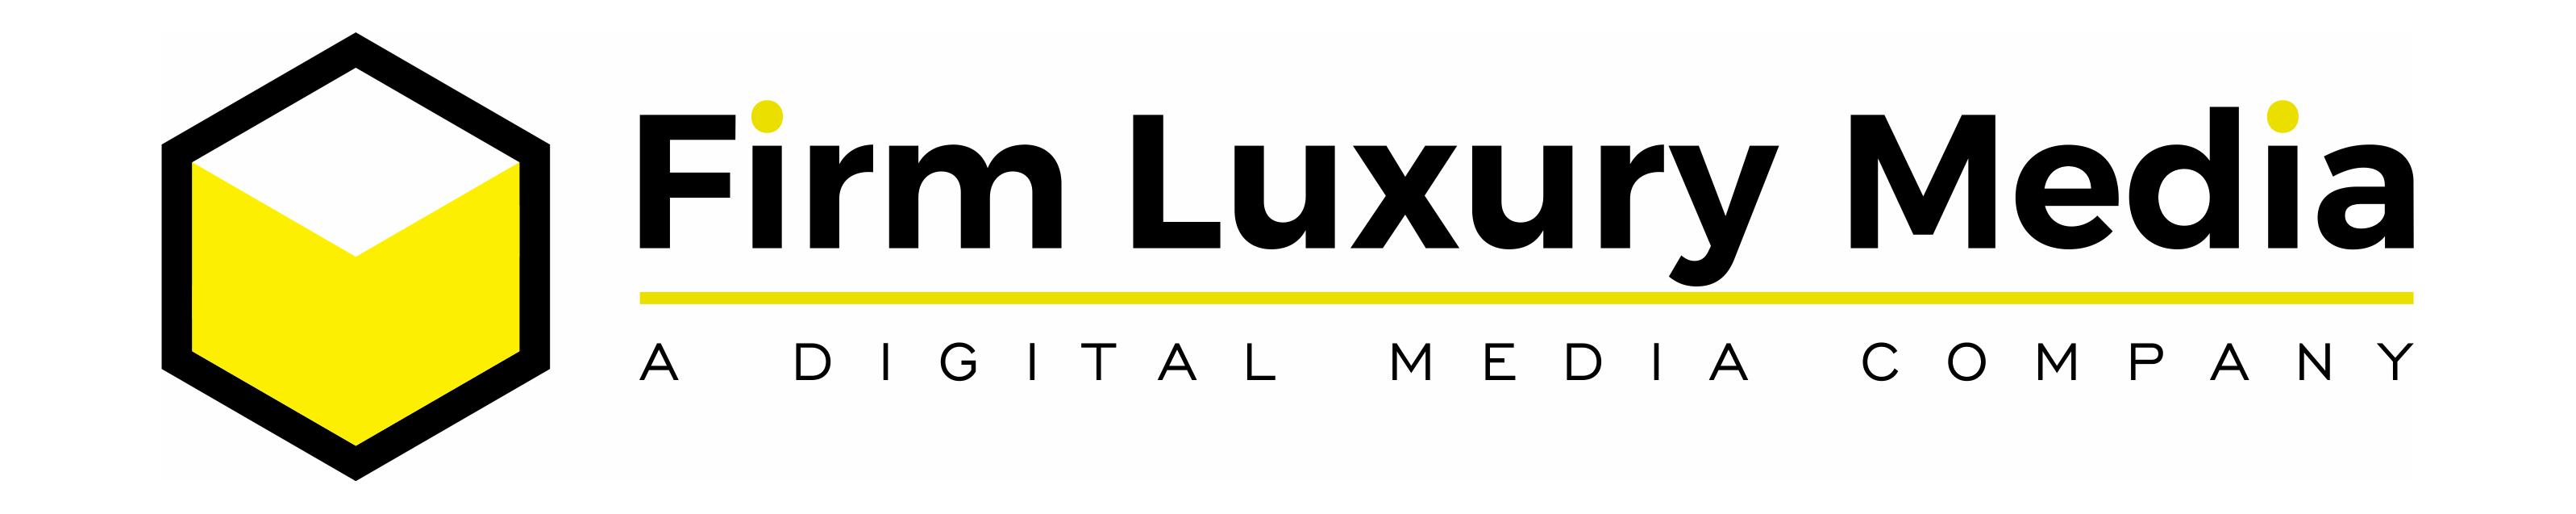 Firm Luxury Media